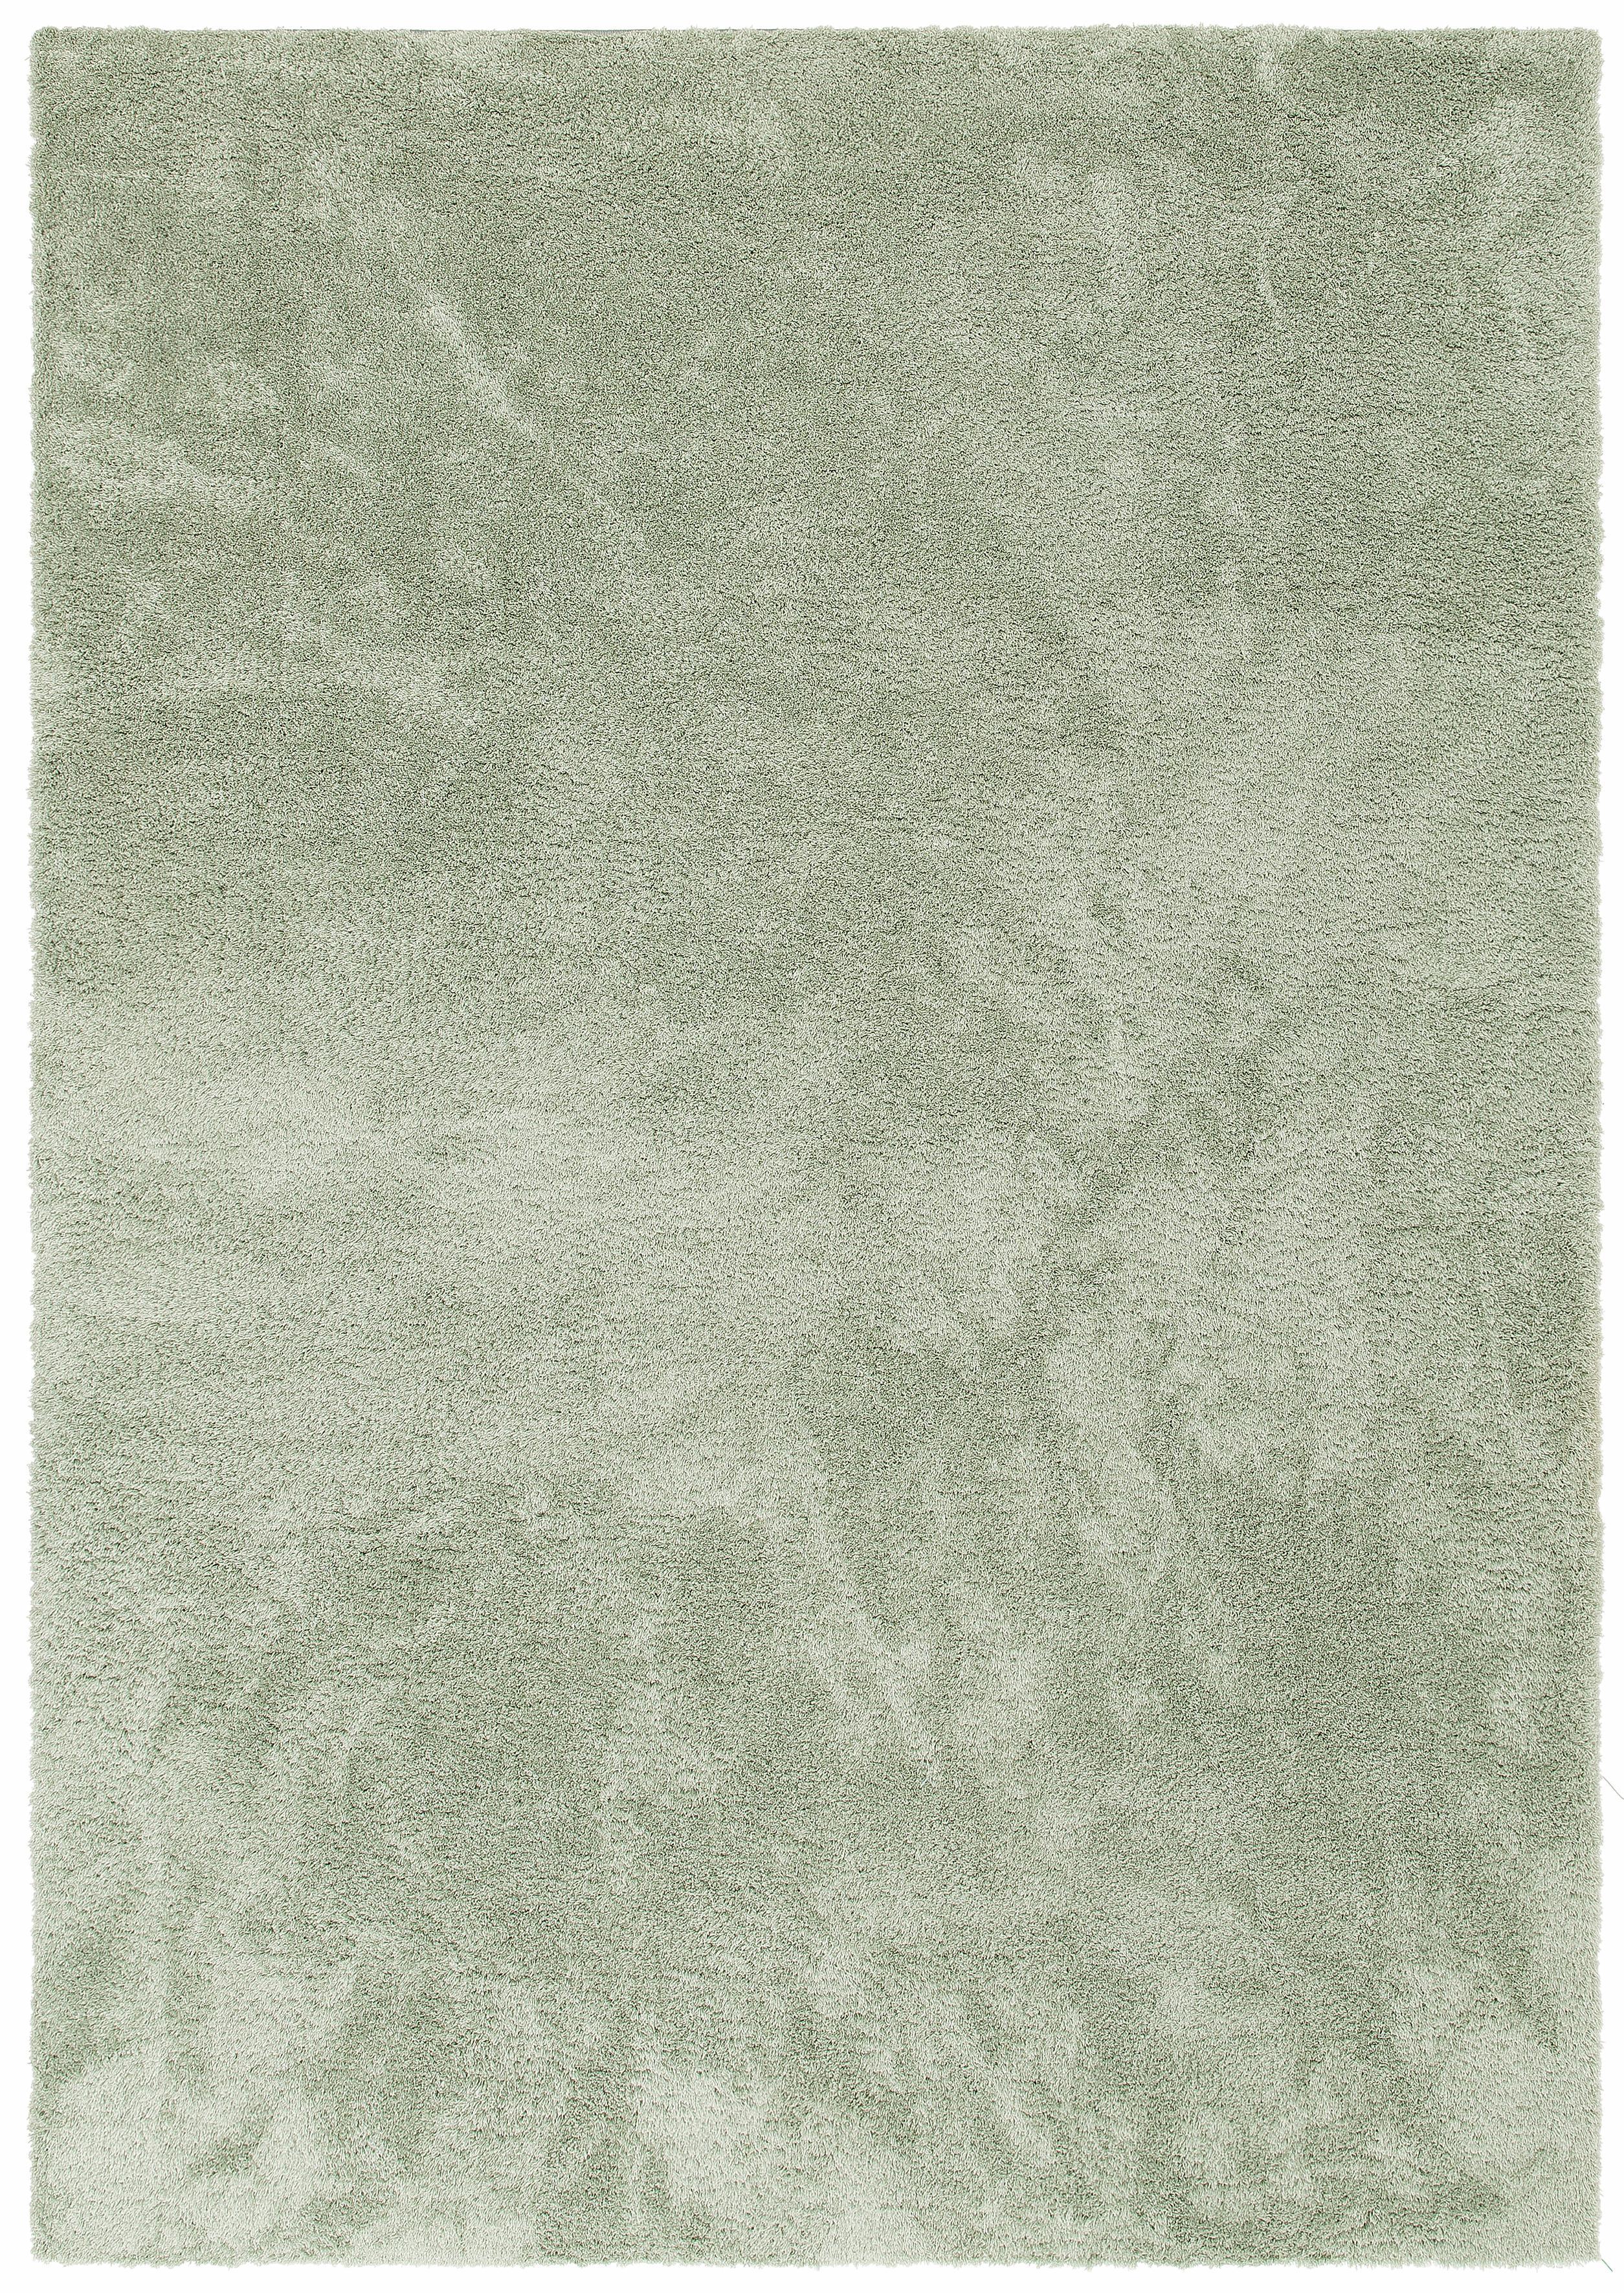 Hochflor-Teppich Irma my home rechteckig Höhe 32 mm maschinell gewebt